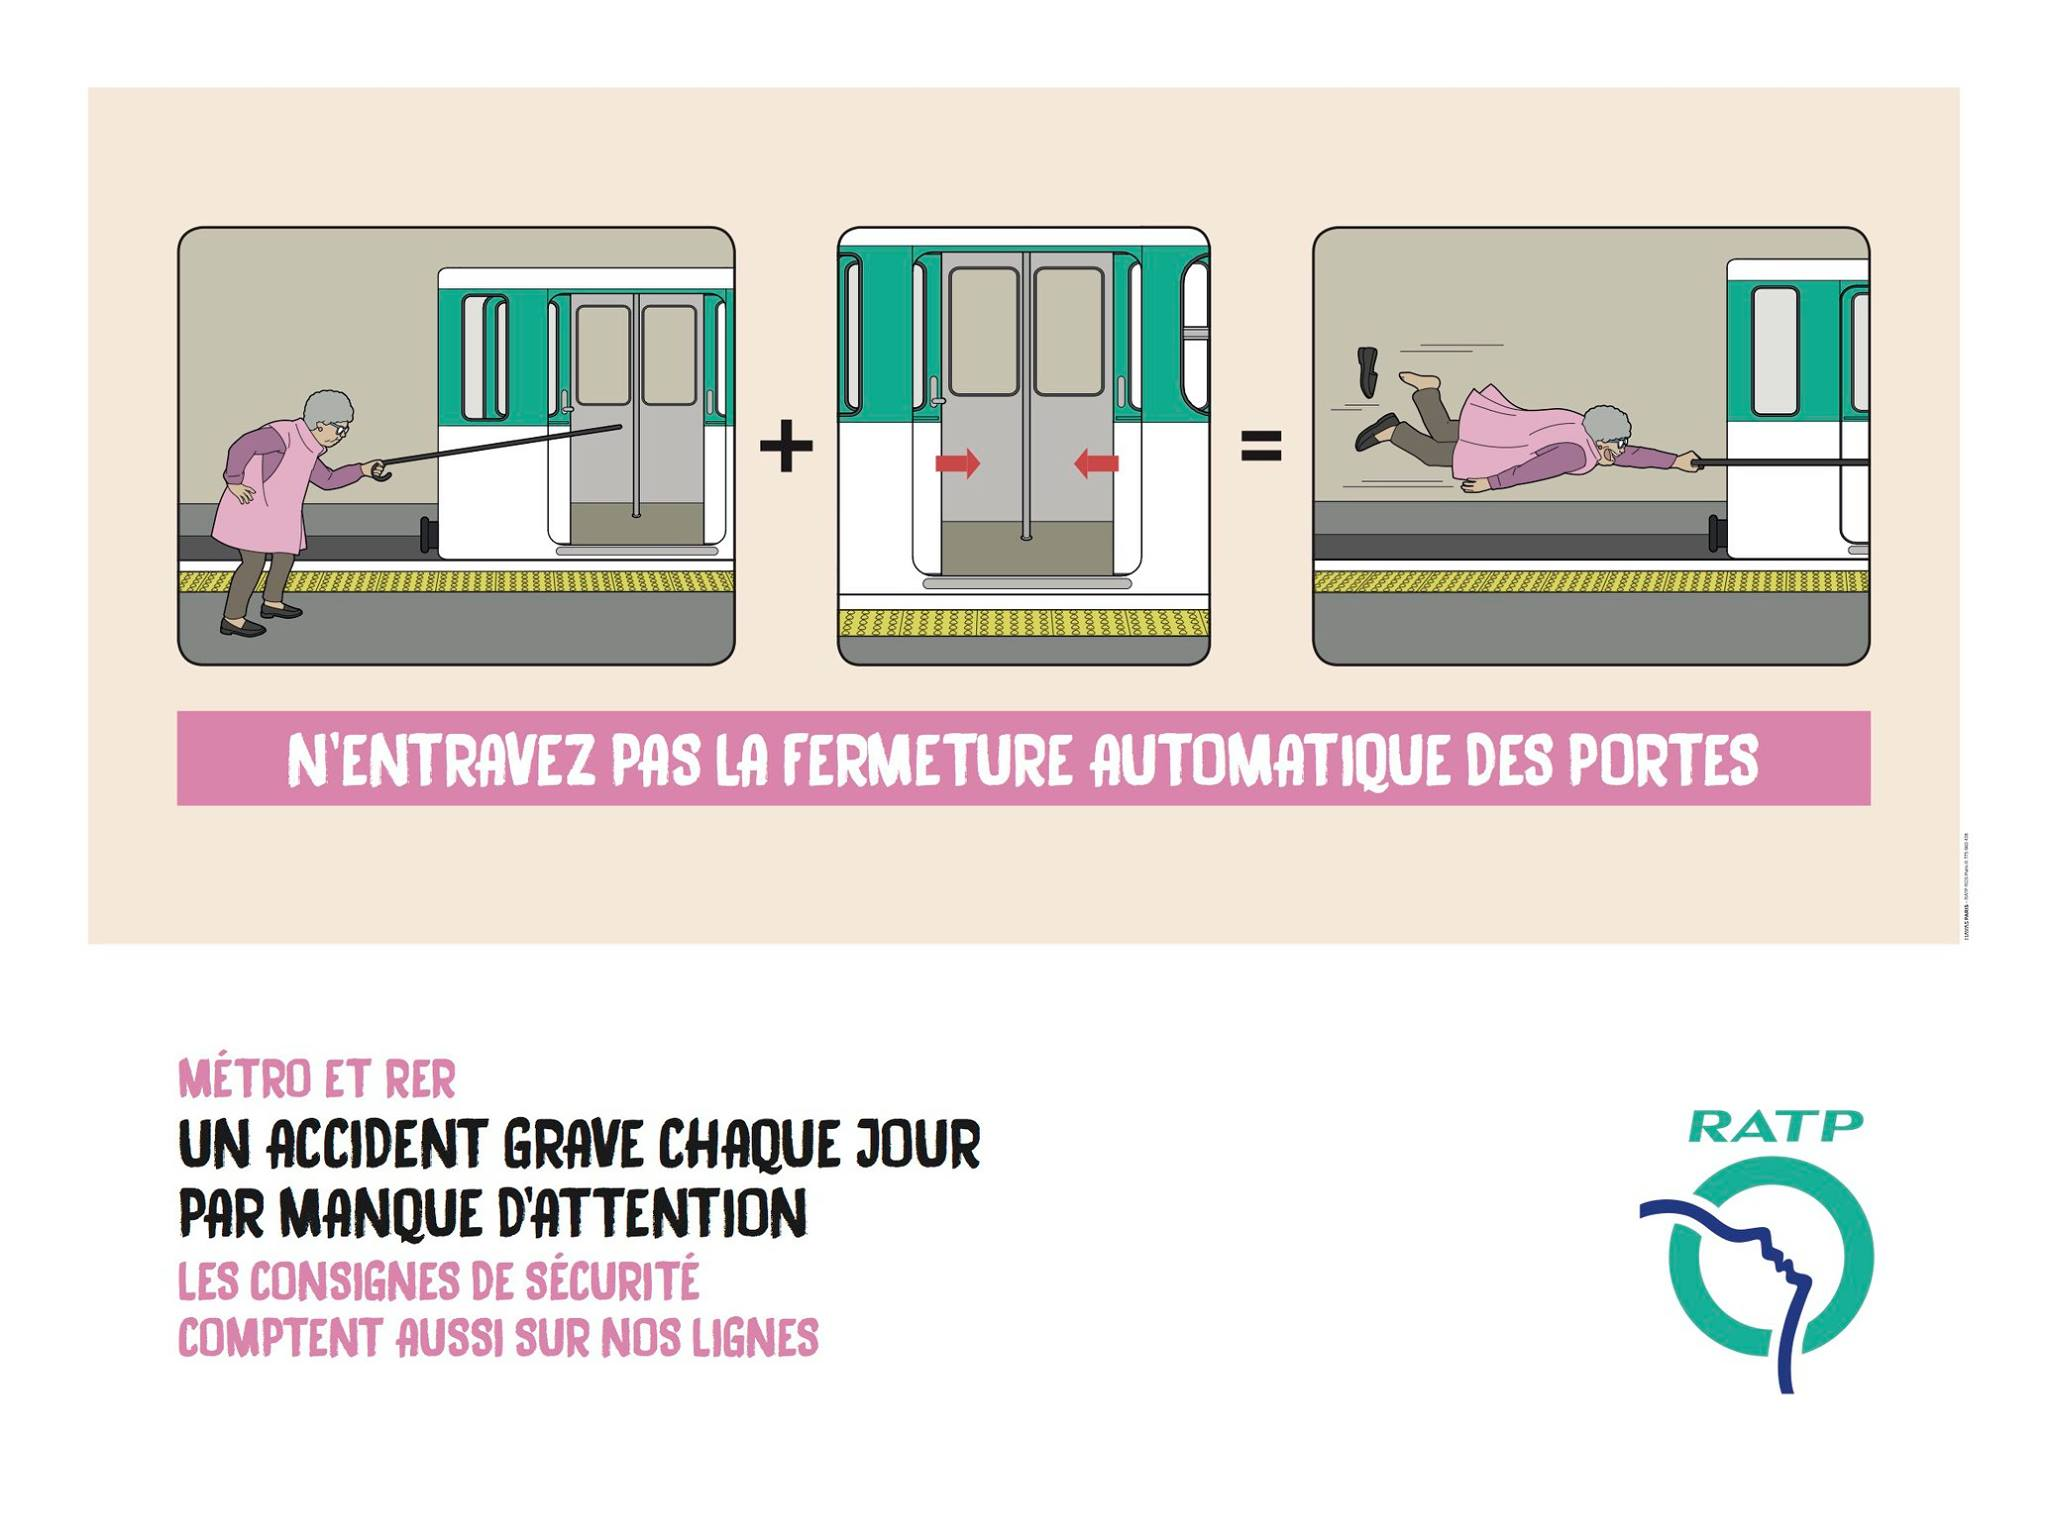 ratp-metro-consignes-securite-2016-publicite-danger-havas-paris-6